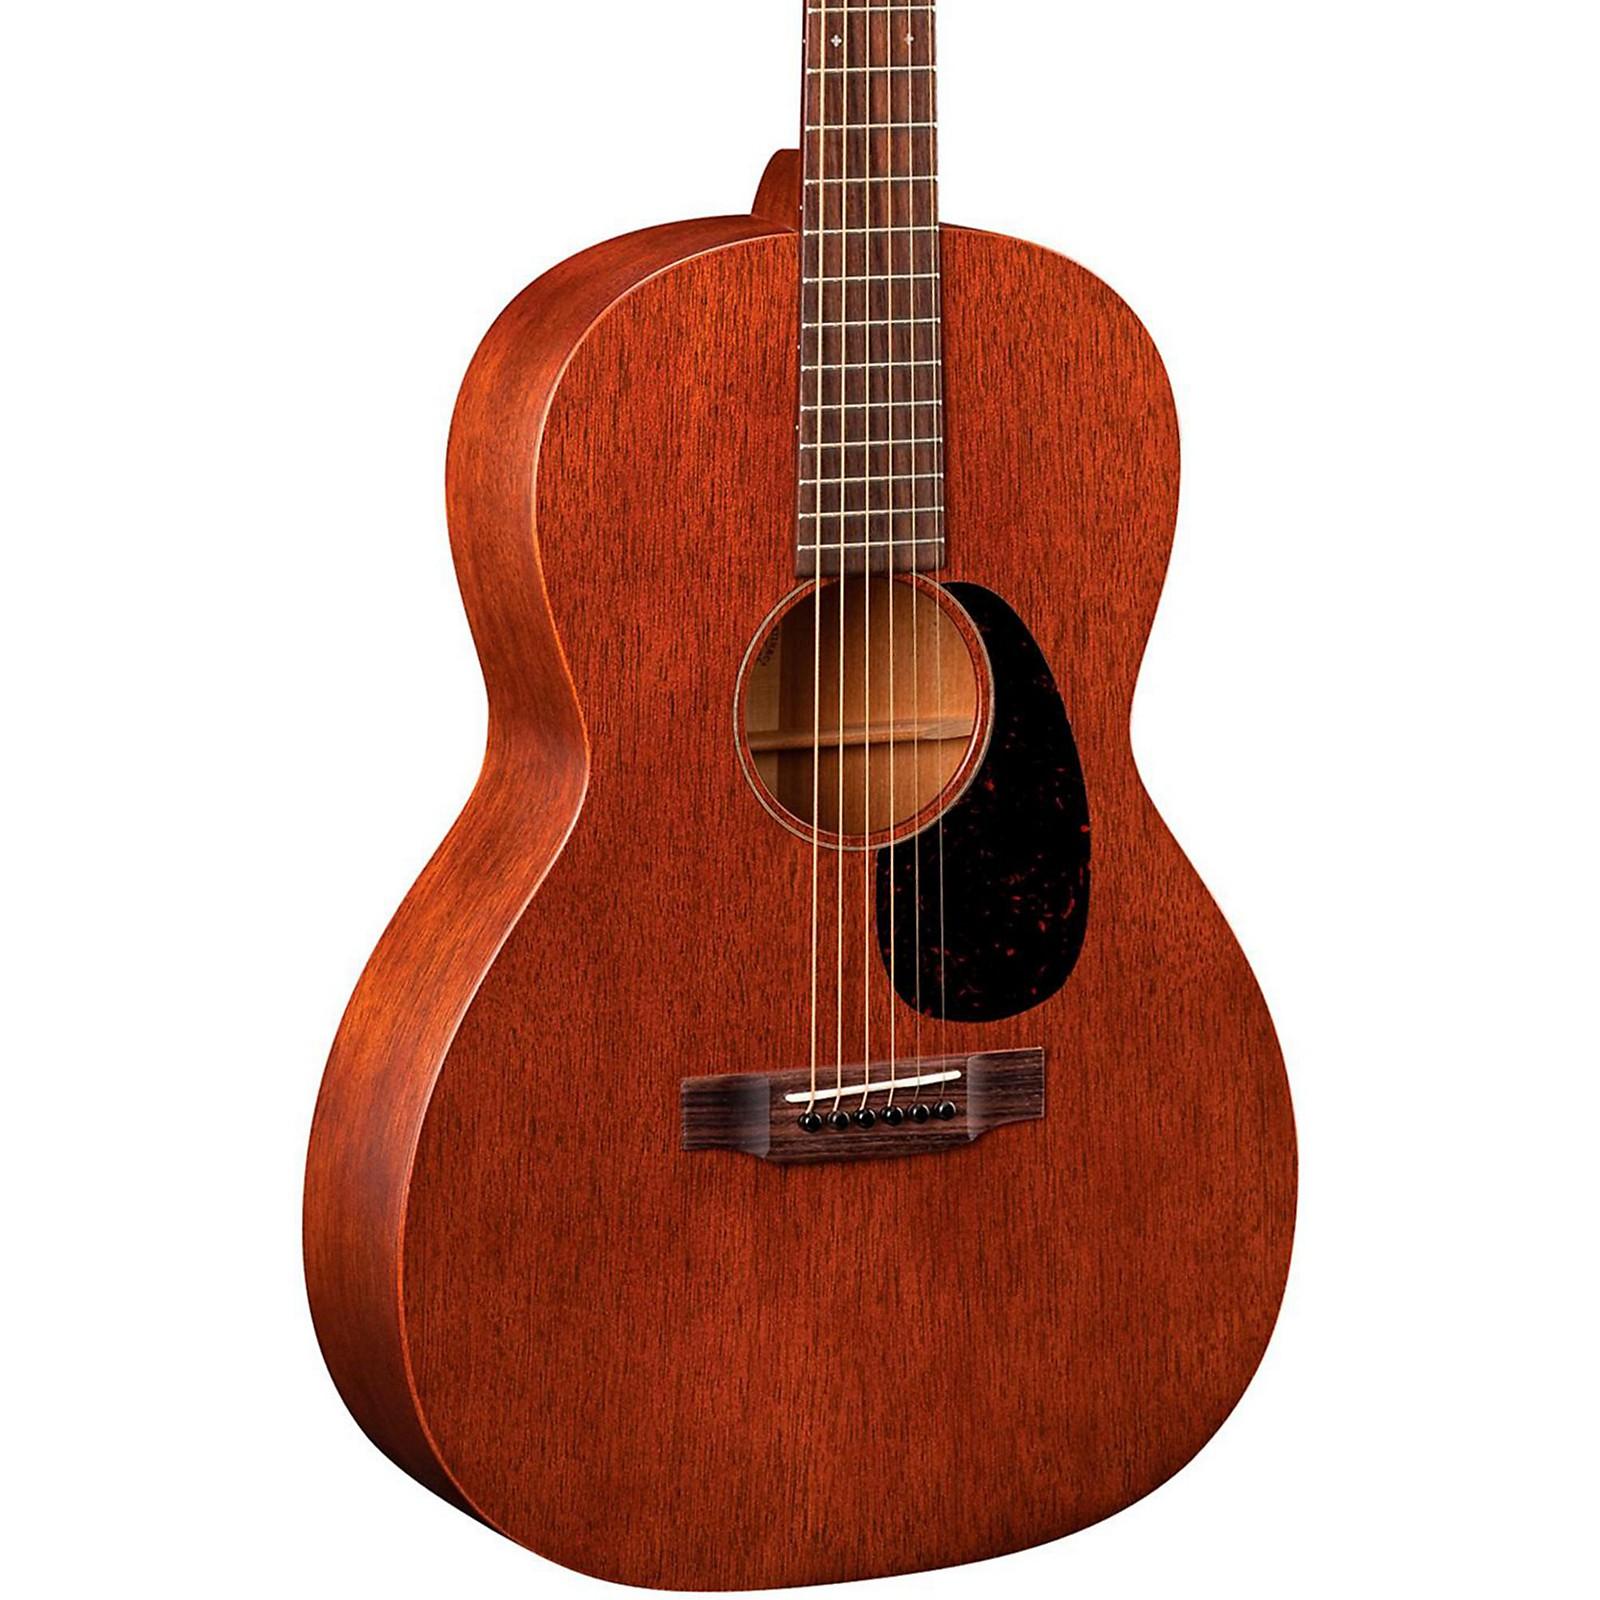 Martin 15 Series 000-15SM Mahogany Auditorium Acoustic Guitar